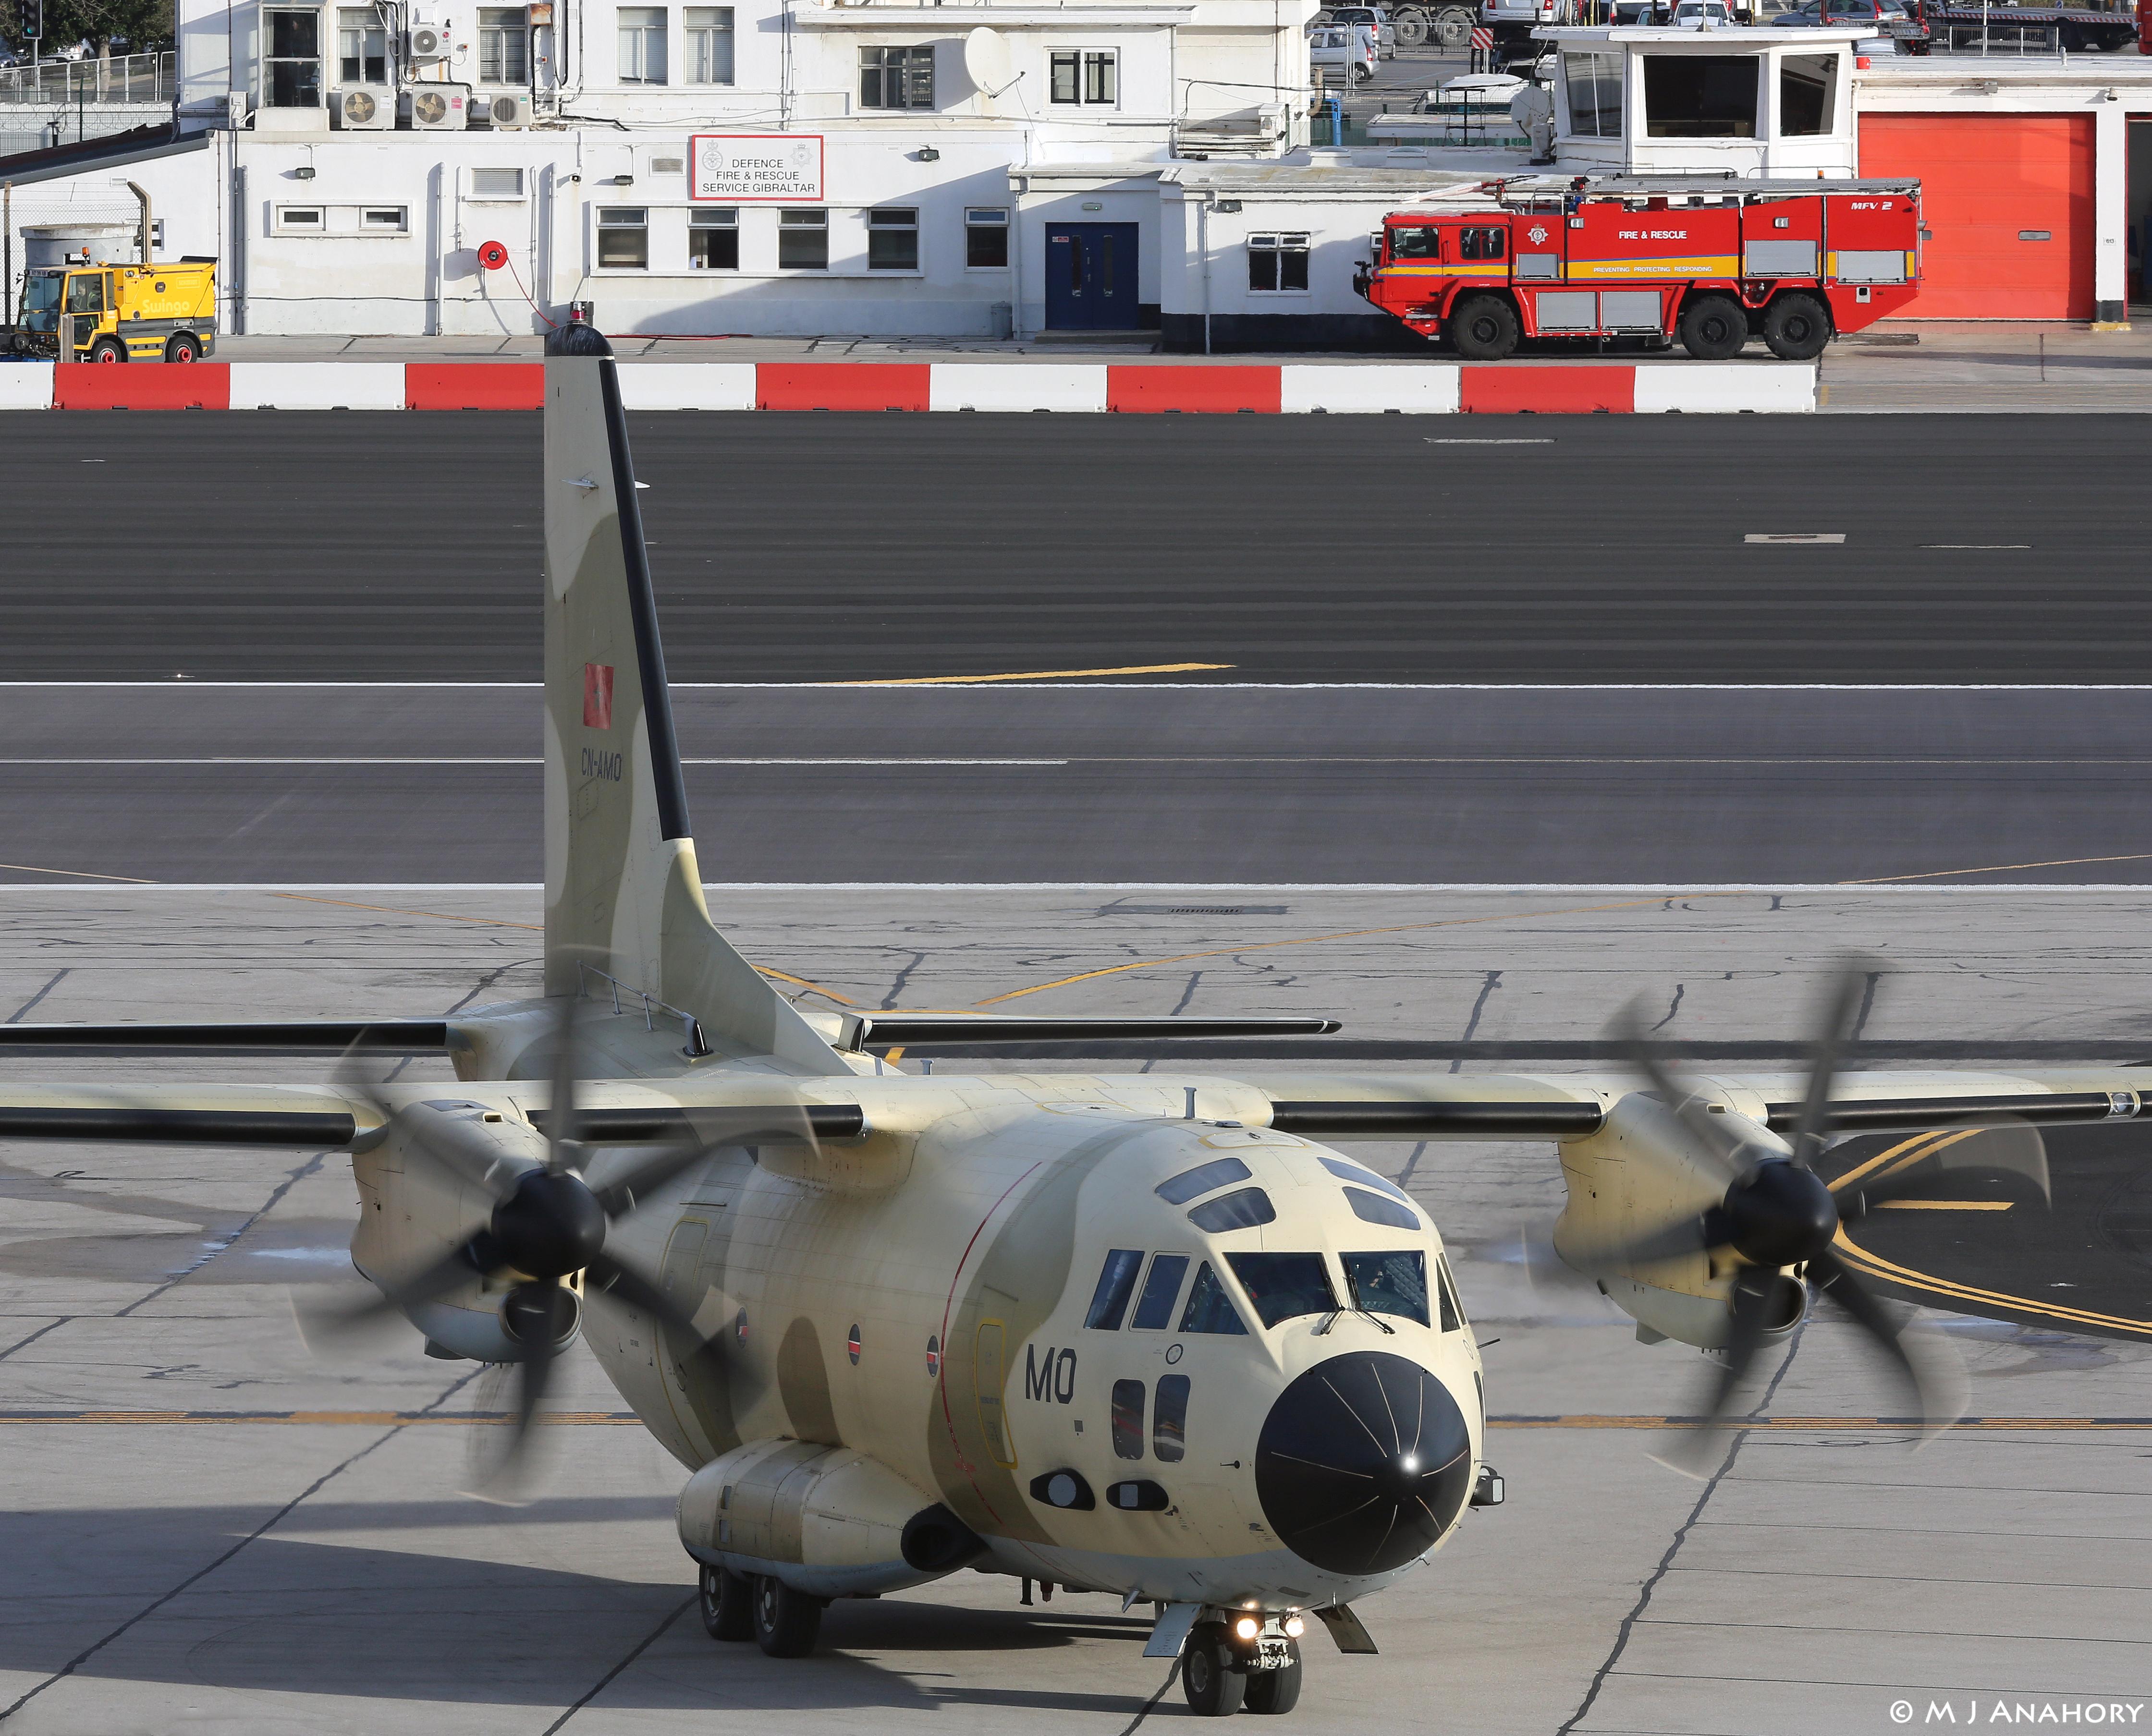 FRA: Photos d'avions de transport - Page 25 24886895361_b68cd68575_o